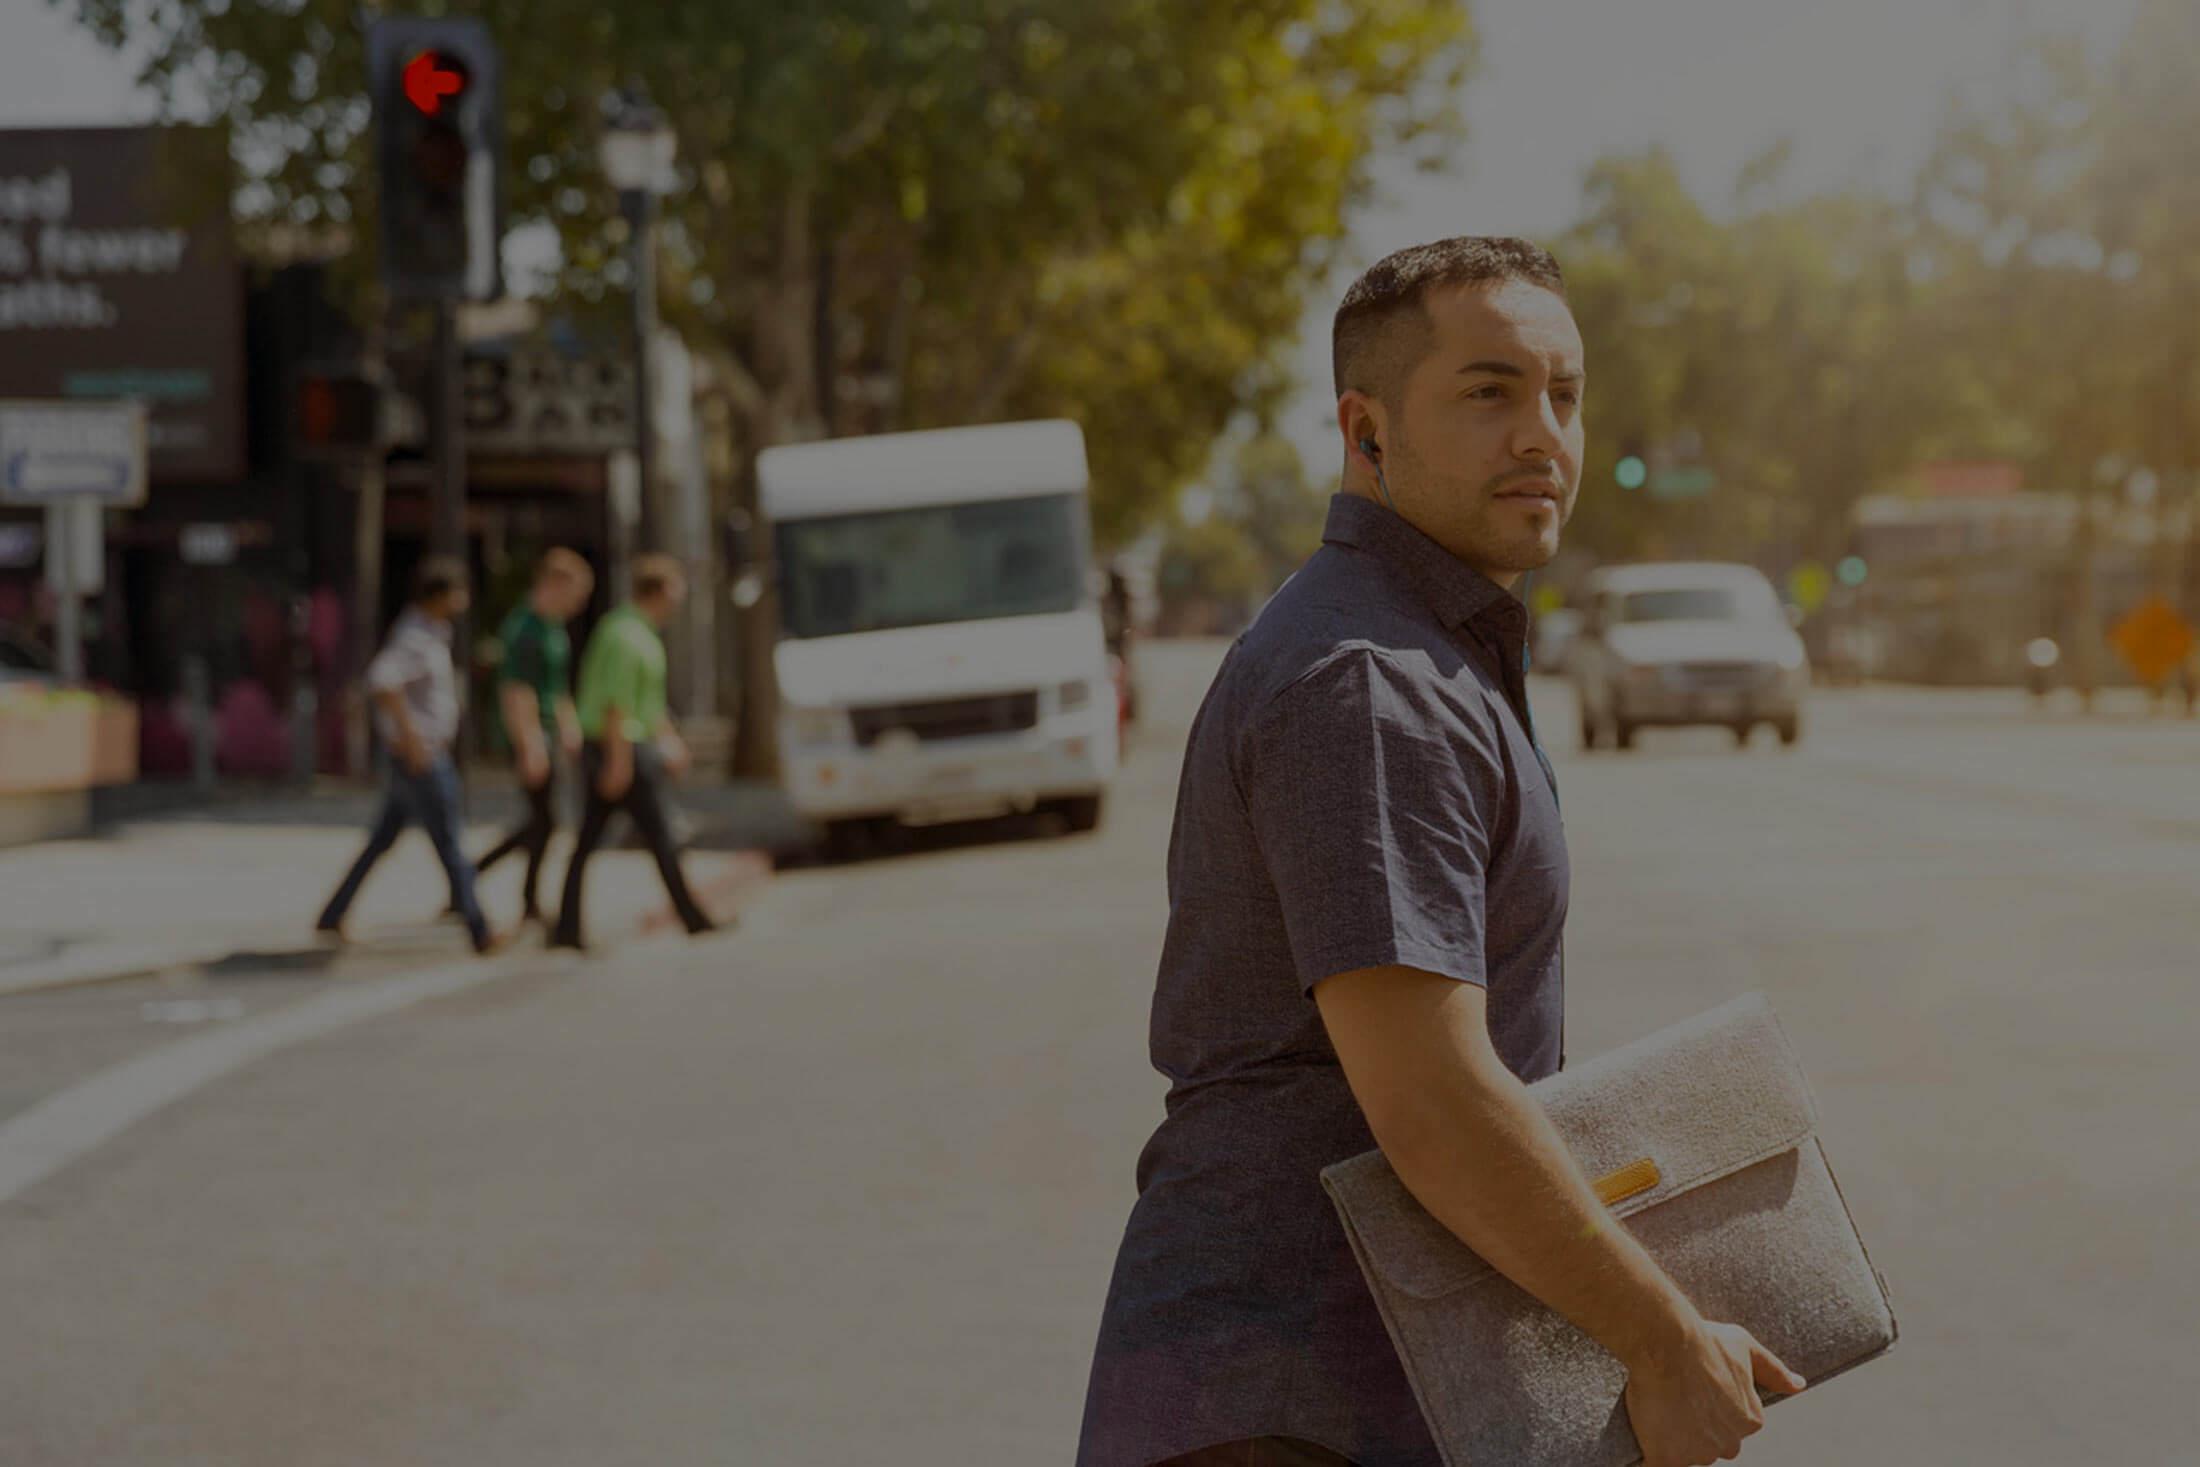 Pole emploi - offre emploi Régleur poupée mobile (H/F) - Sallanches